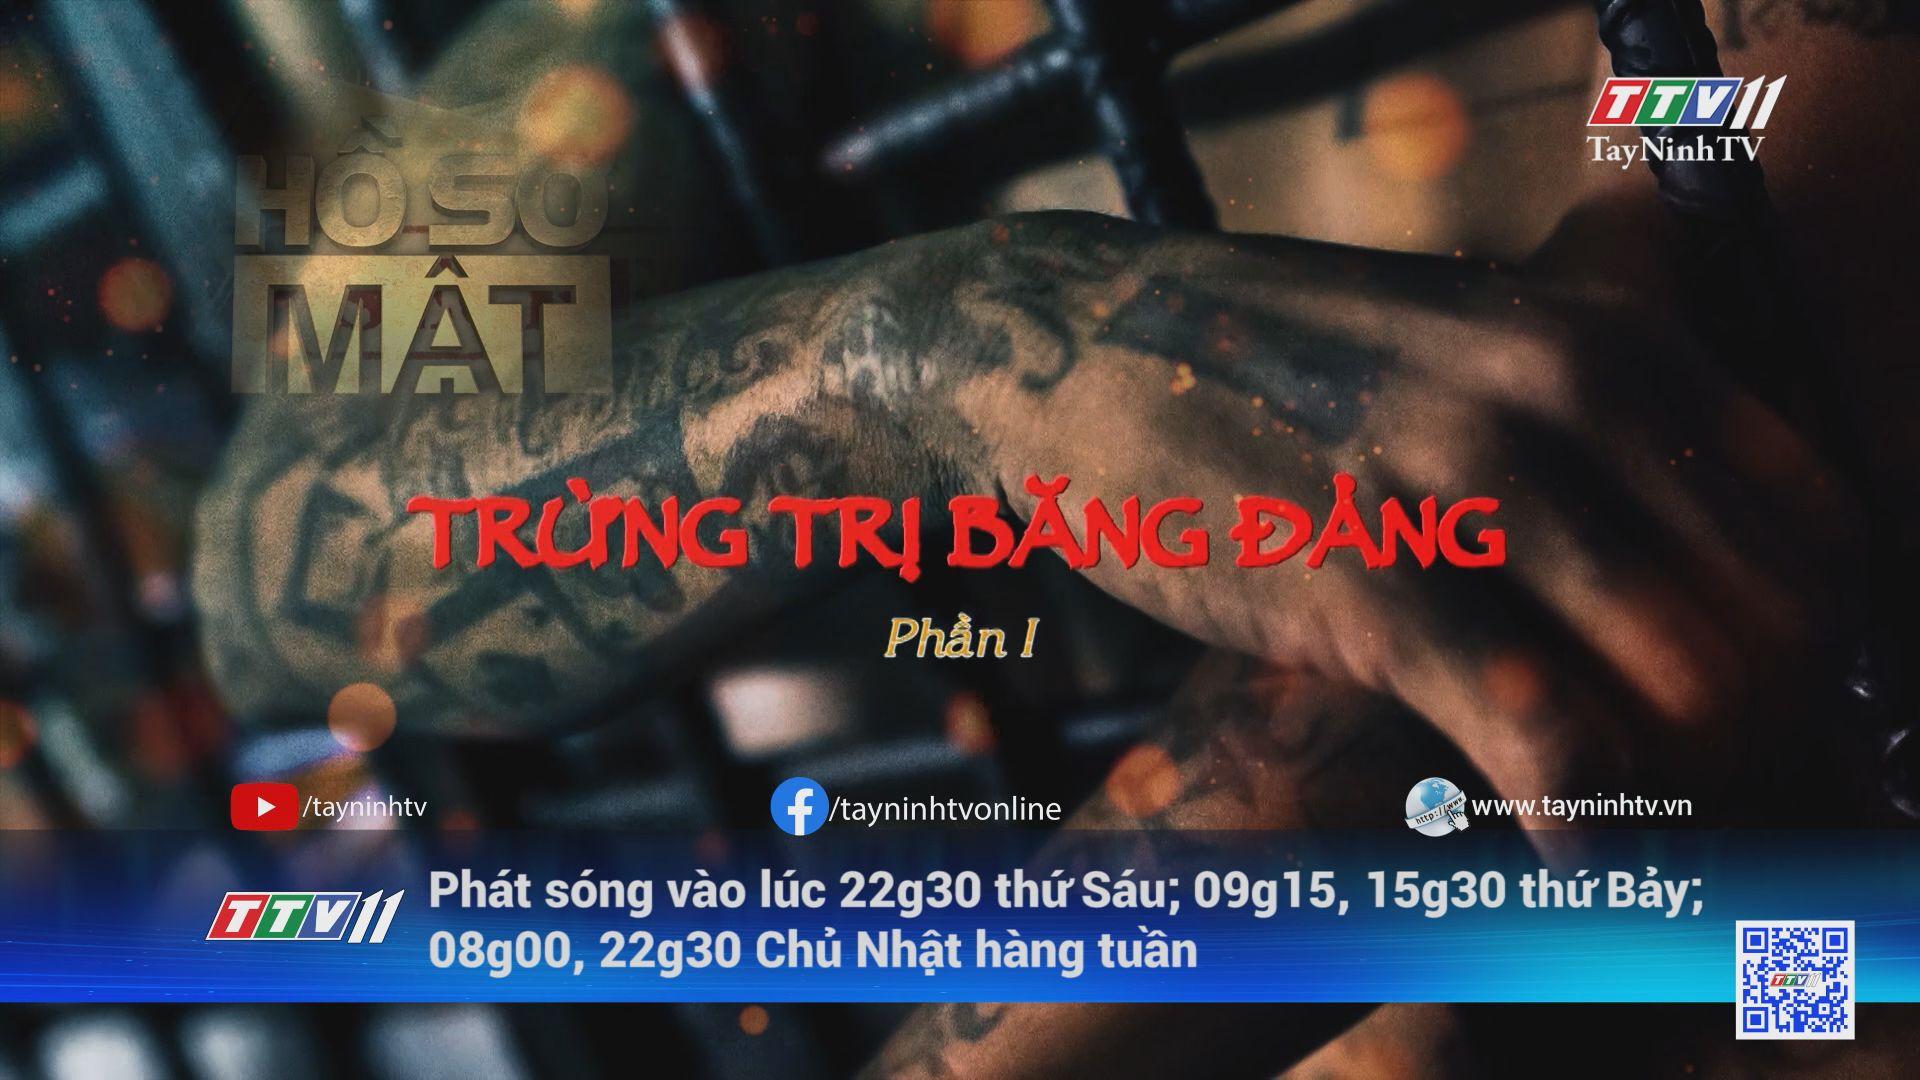 Hồ sơ mật - Trailer | TayNinhTV